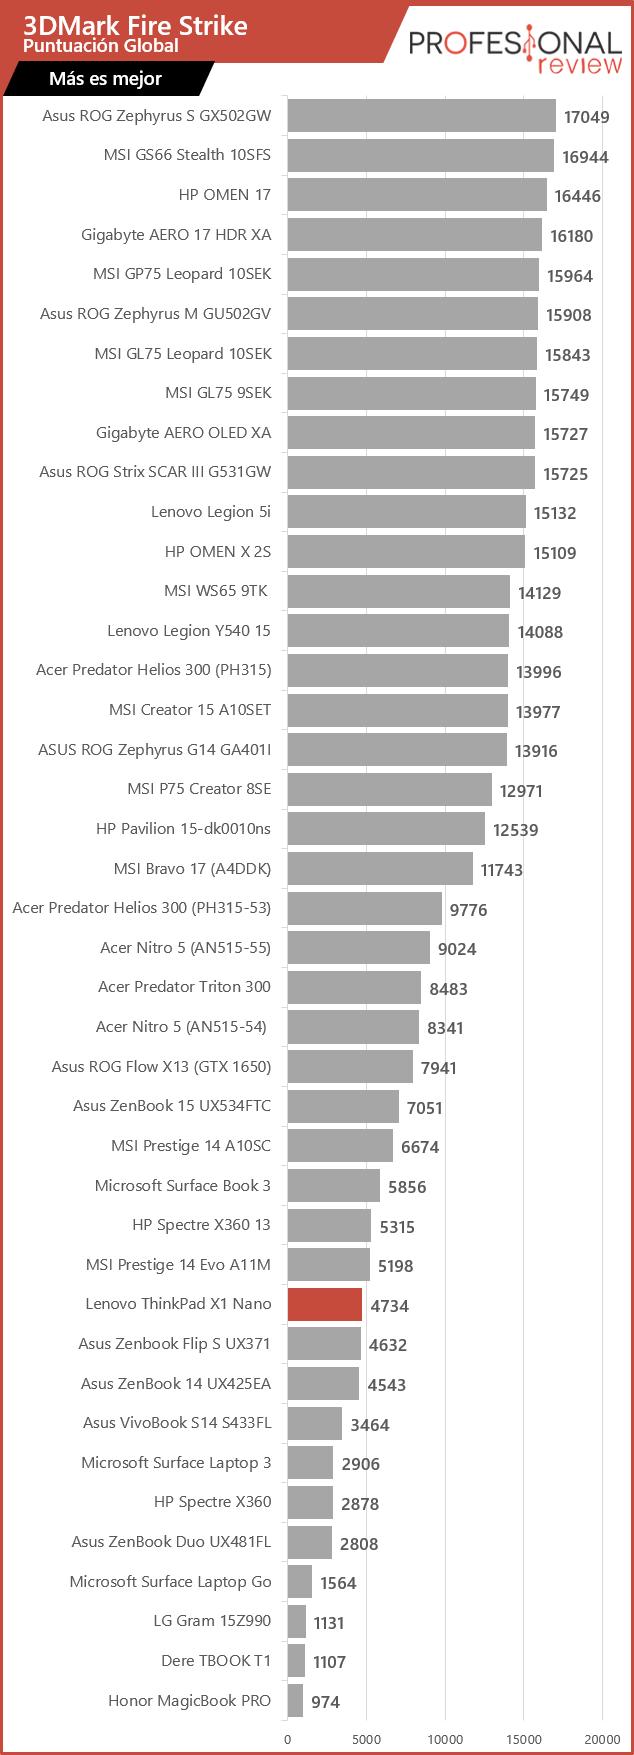 Lenovo ThinkPad X1 Nano review 3DMark Fire Strike